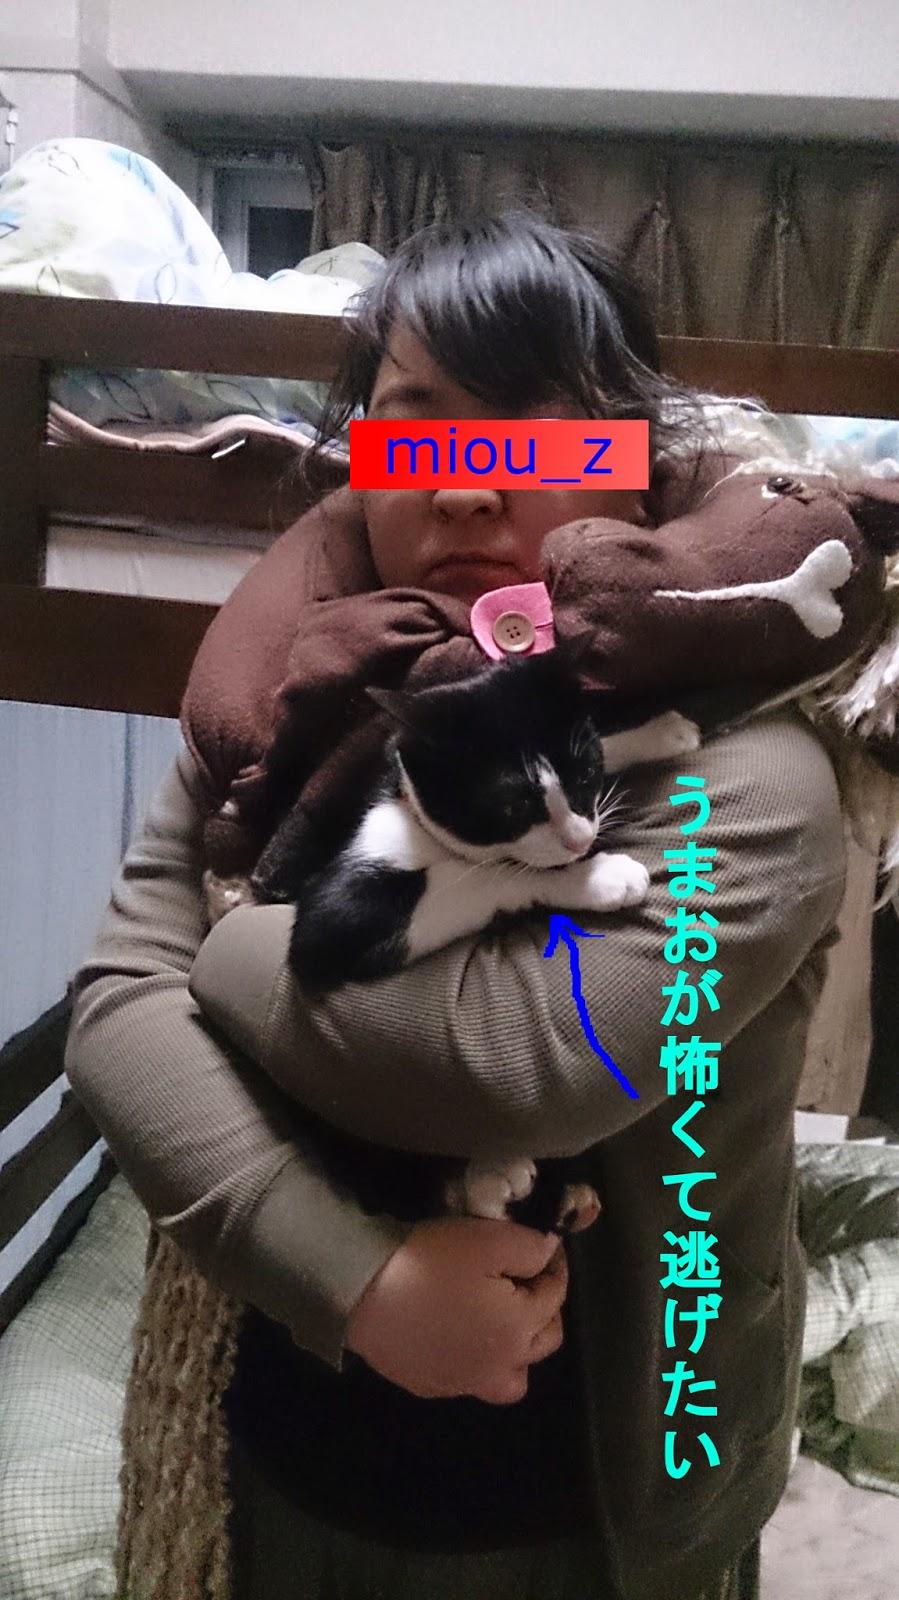 miau_zumao3_20140607061613bde.jpg